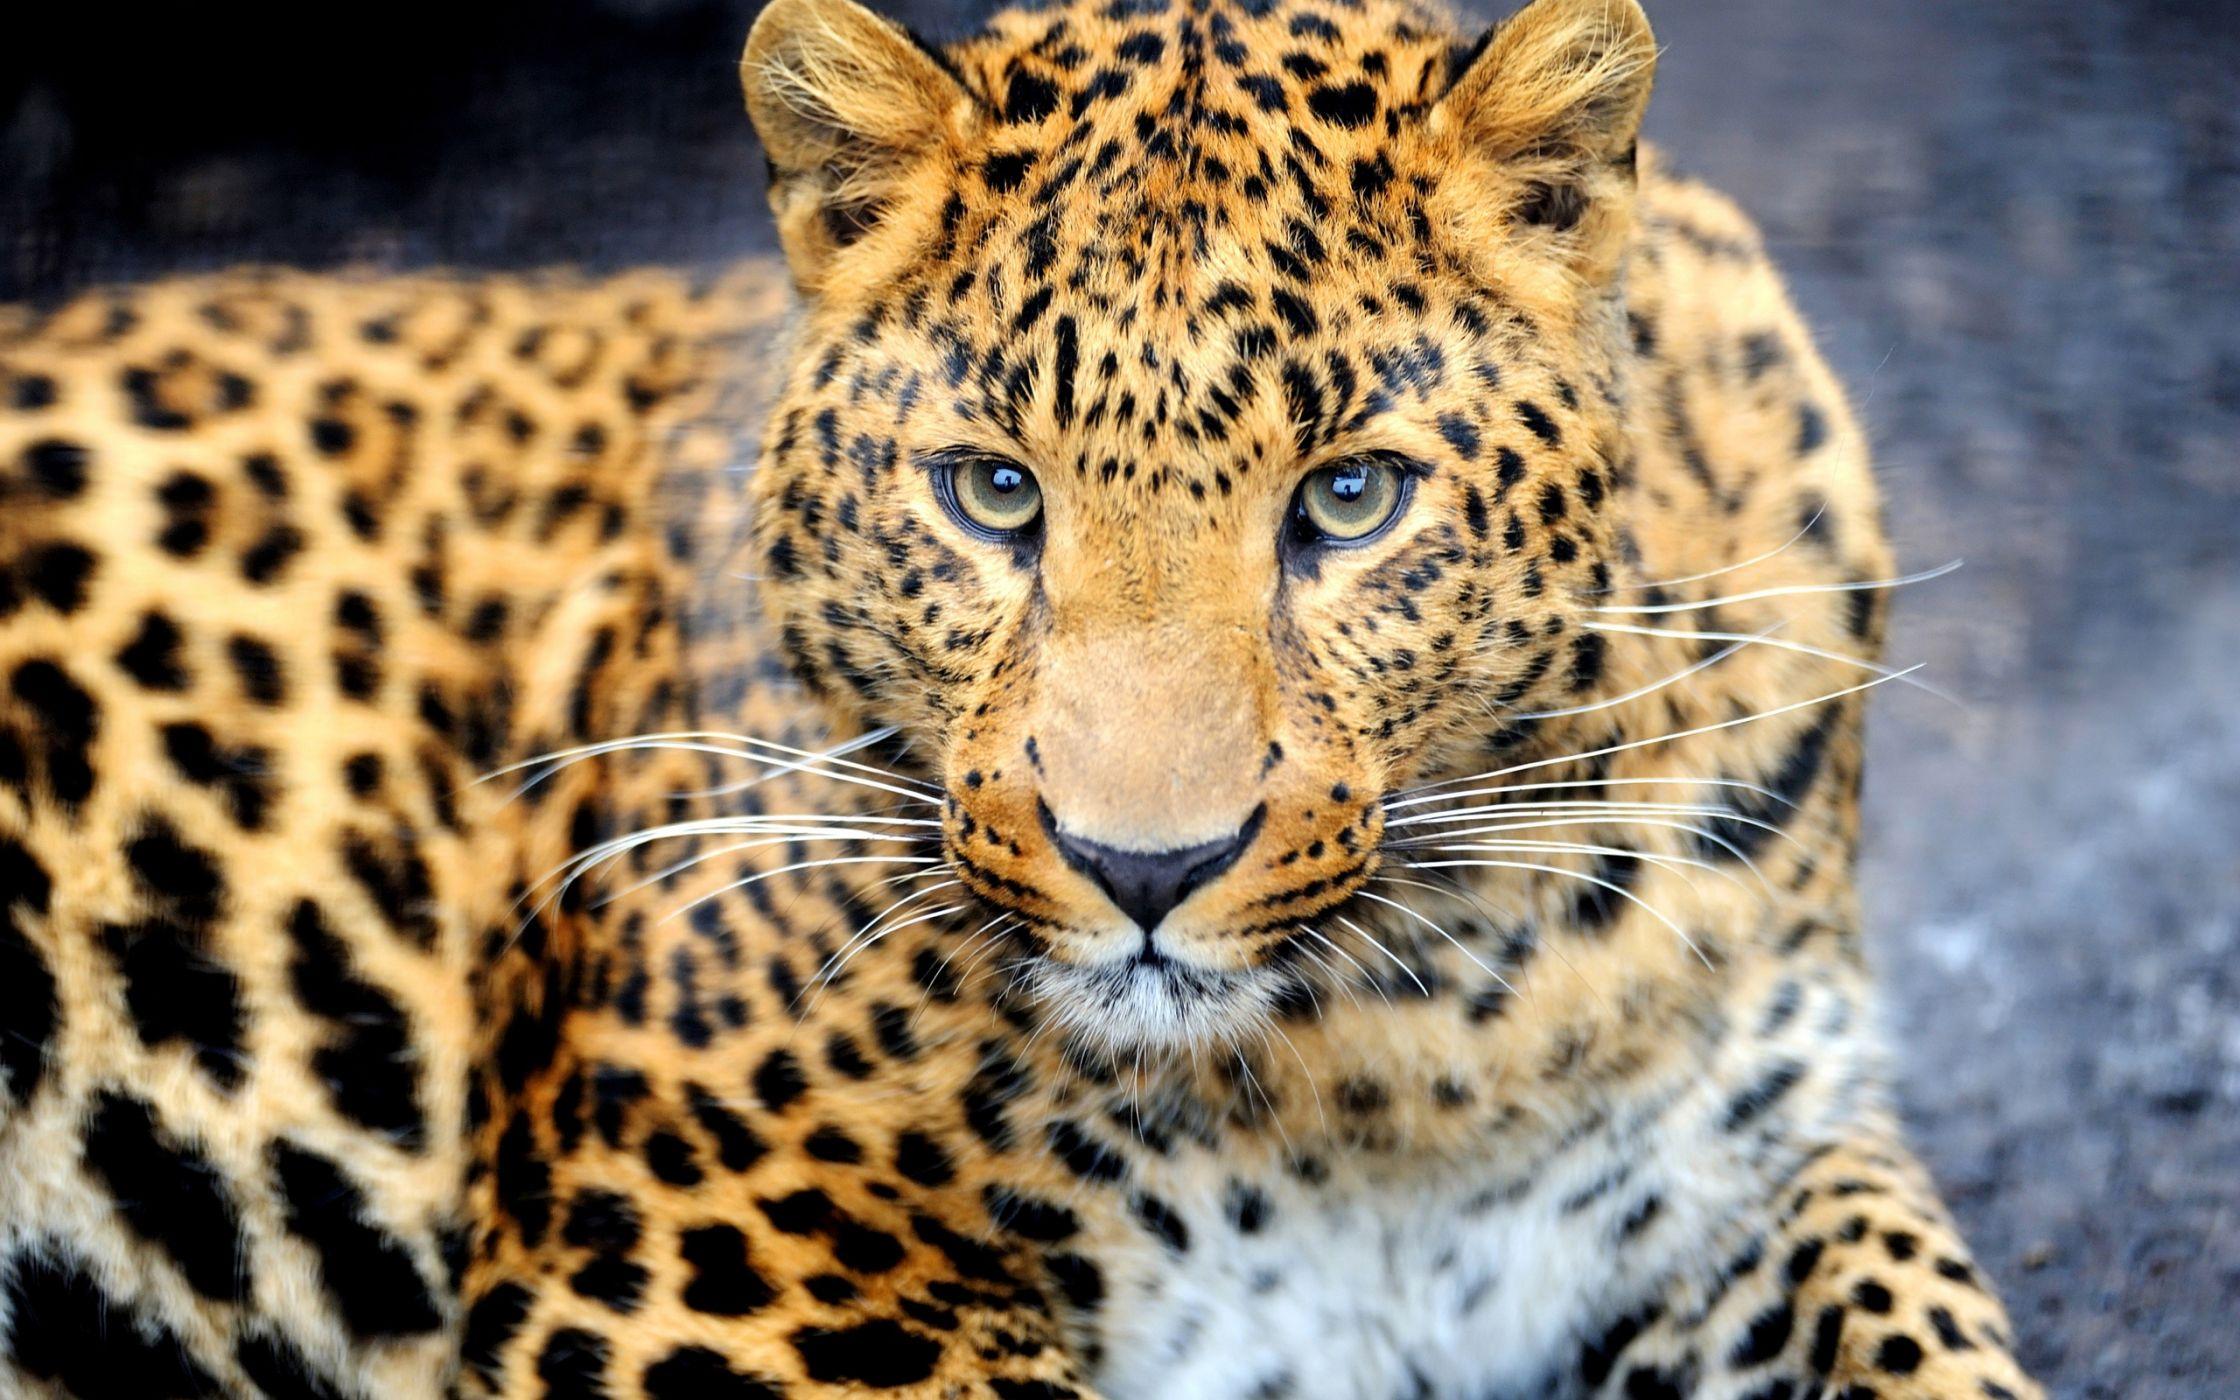 фото леопарда в природе пациенты жалуются